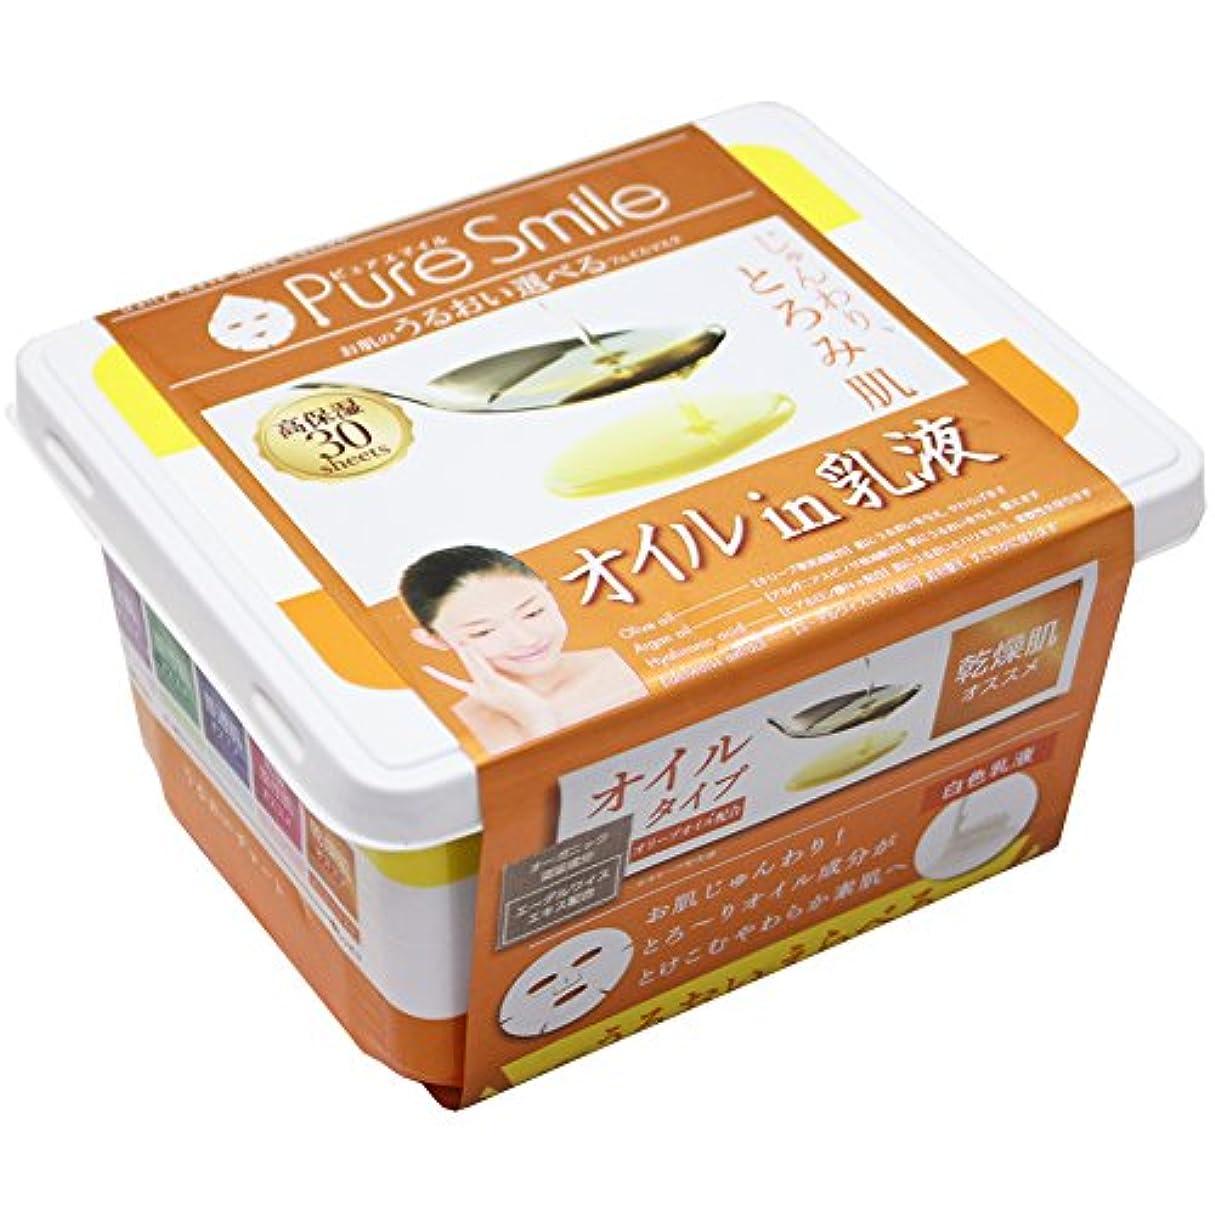 ほめる美容師ゲストPureSmile(ピュアスマイル) フェイスパック エッセンスマスク 30枚セット オイルin乳液?3S05